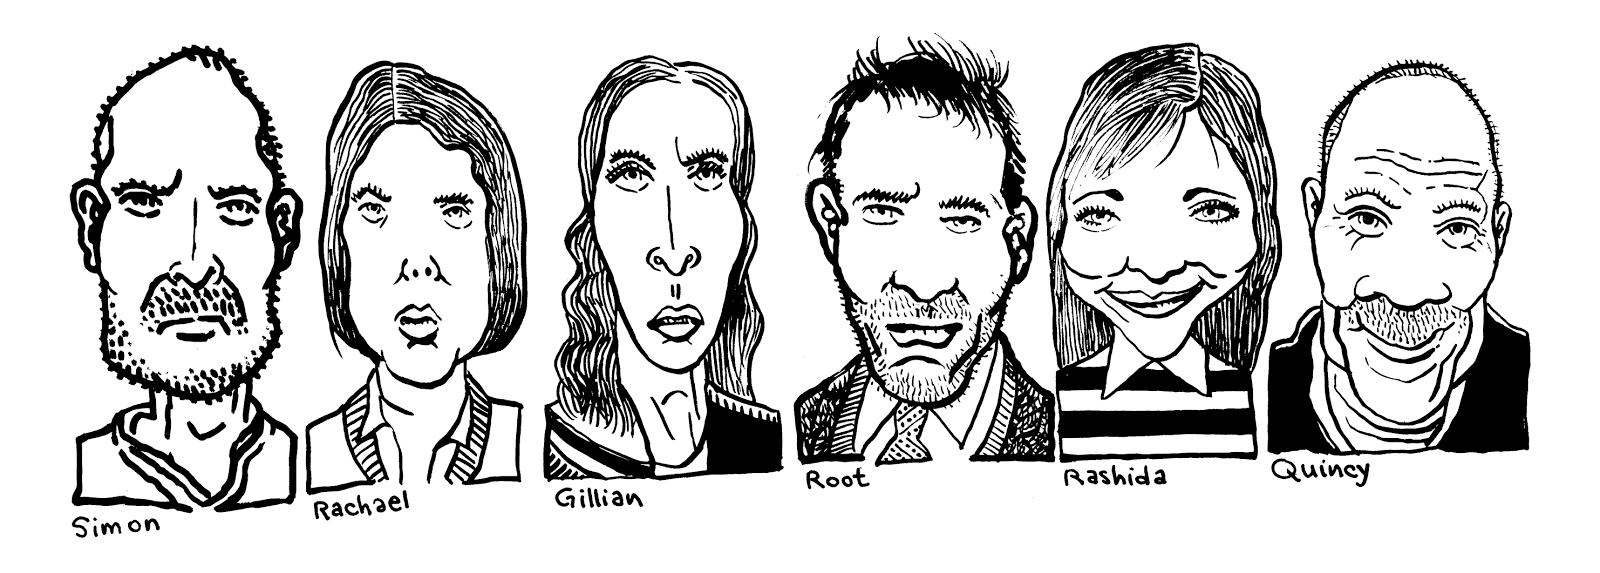 Don Moyer Sketchbook: March 2014